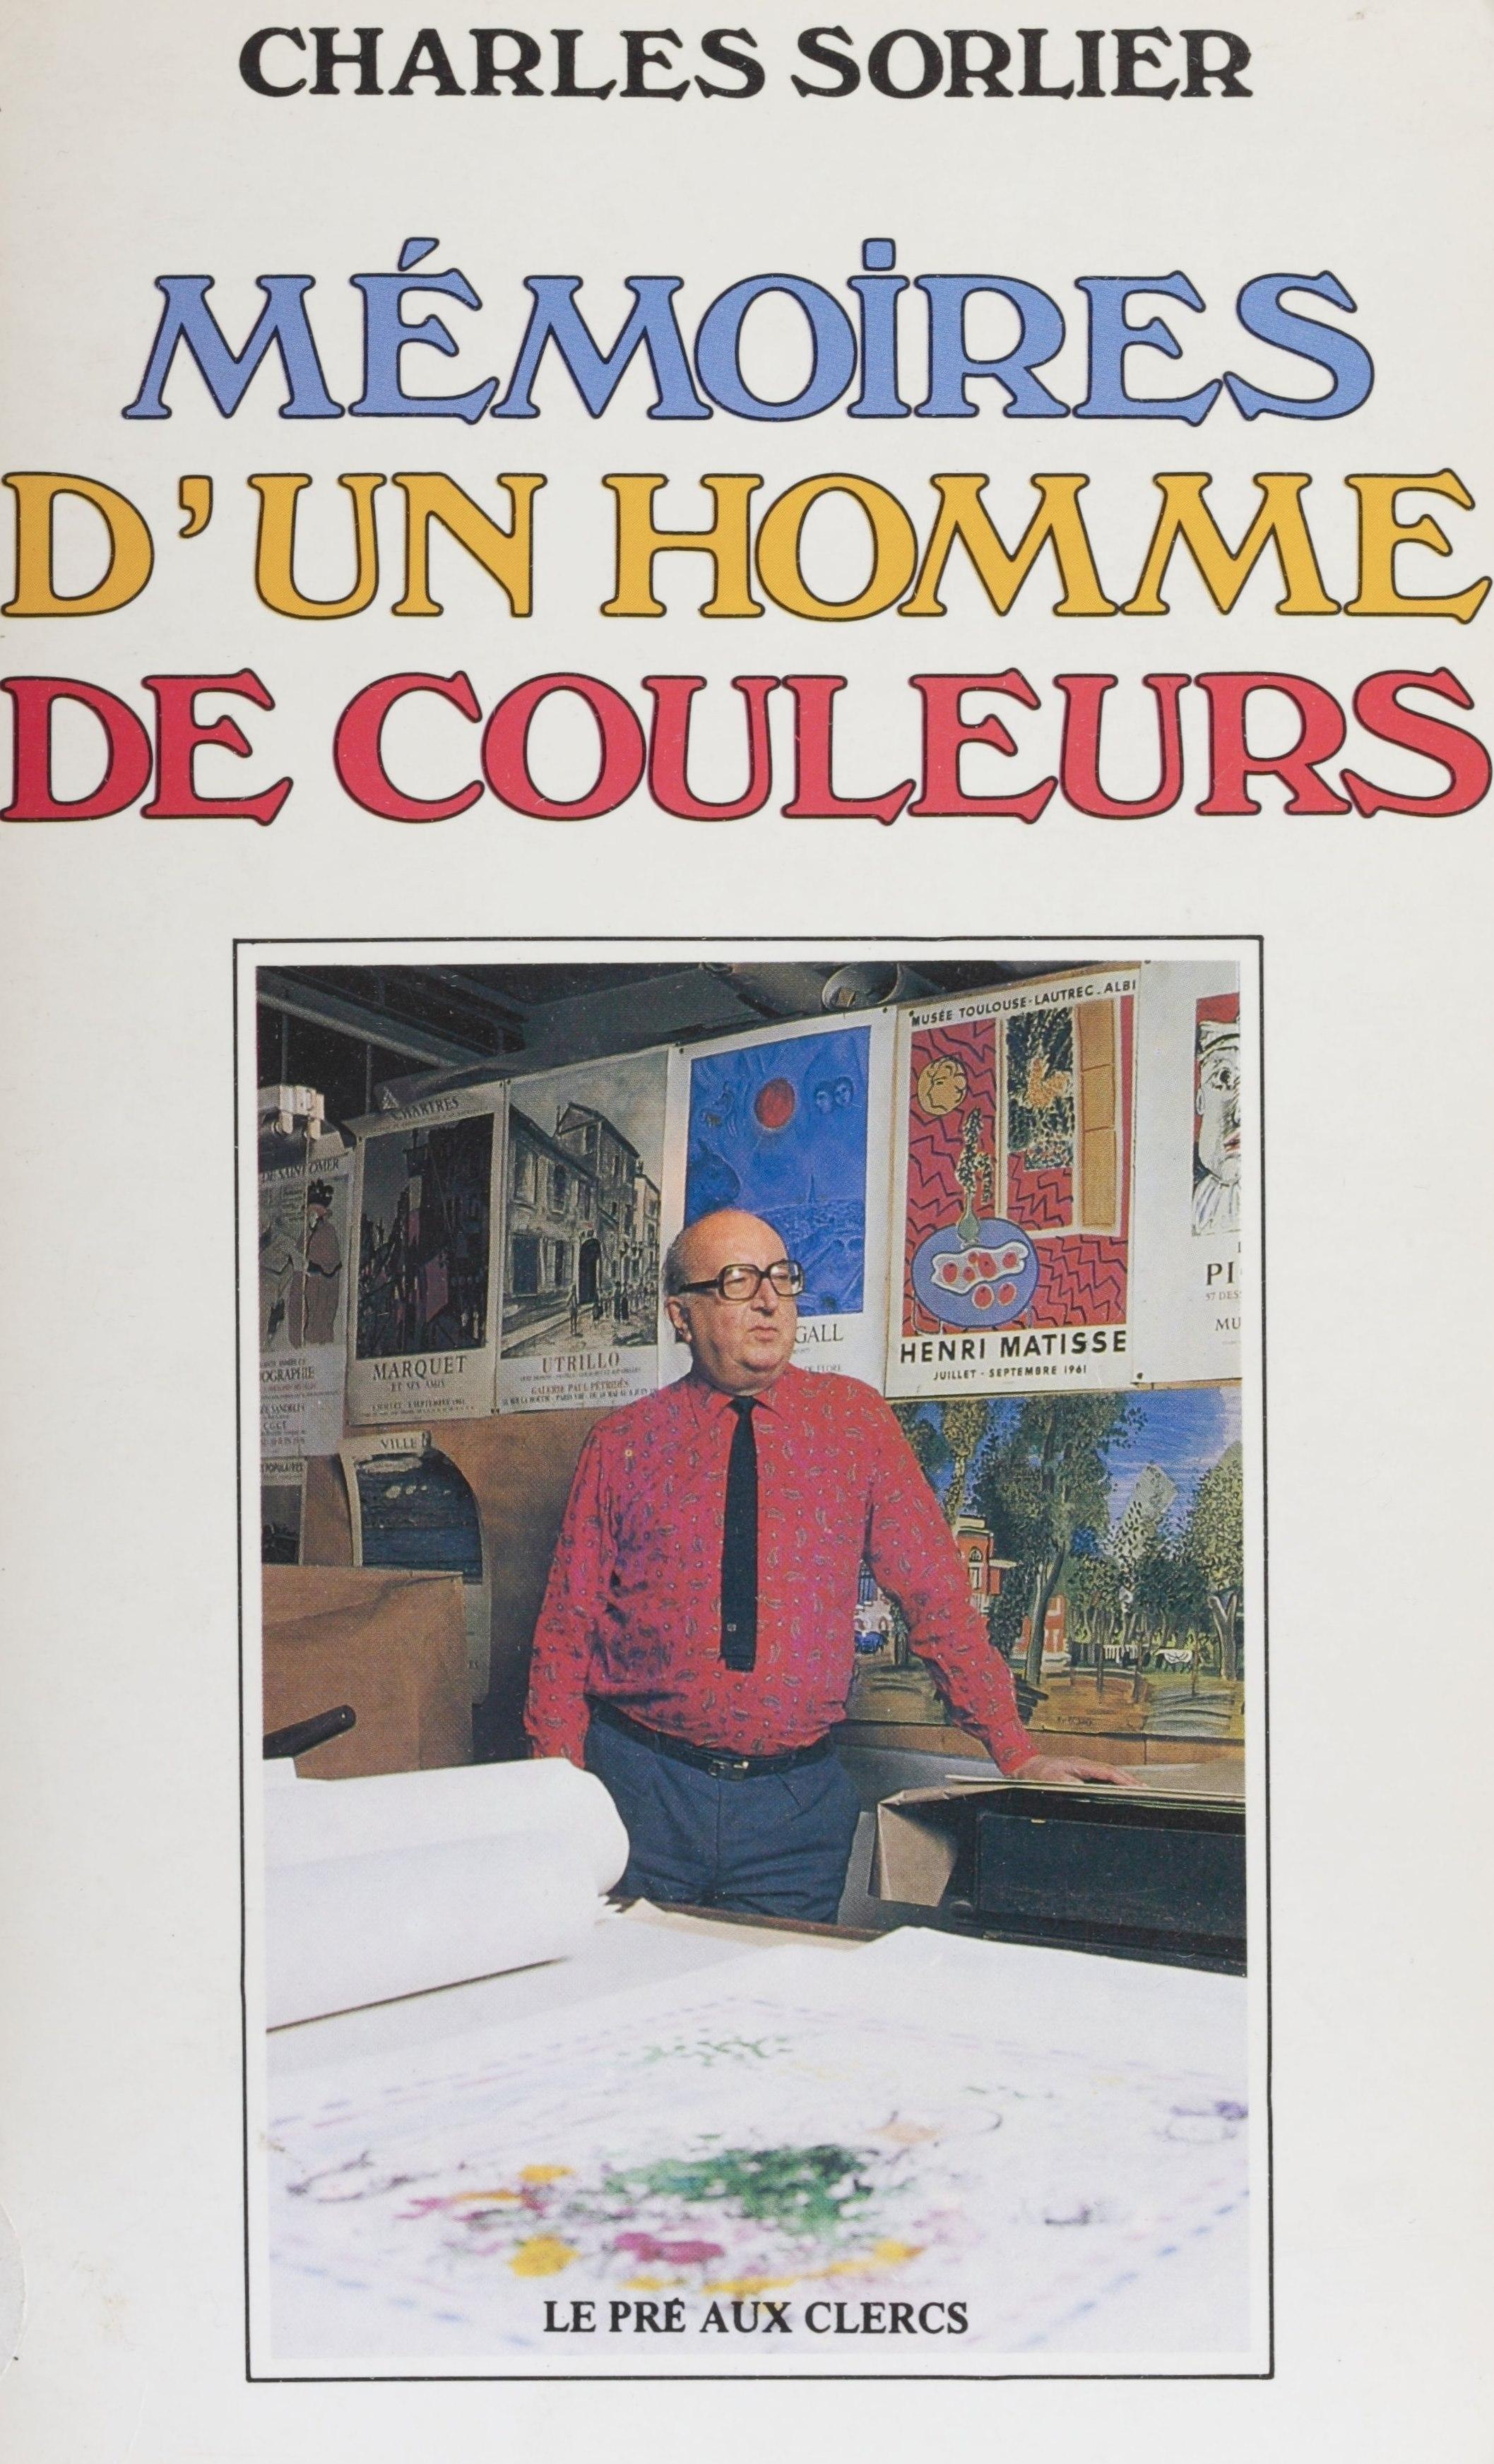 Mémoires d'un homme de coul...